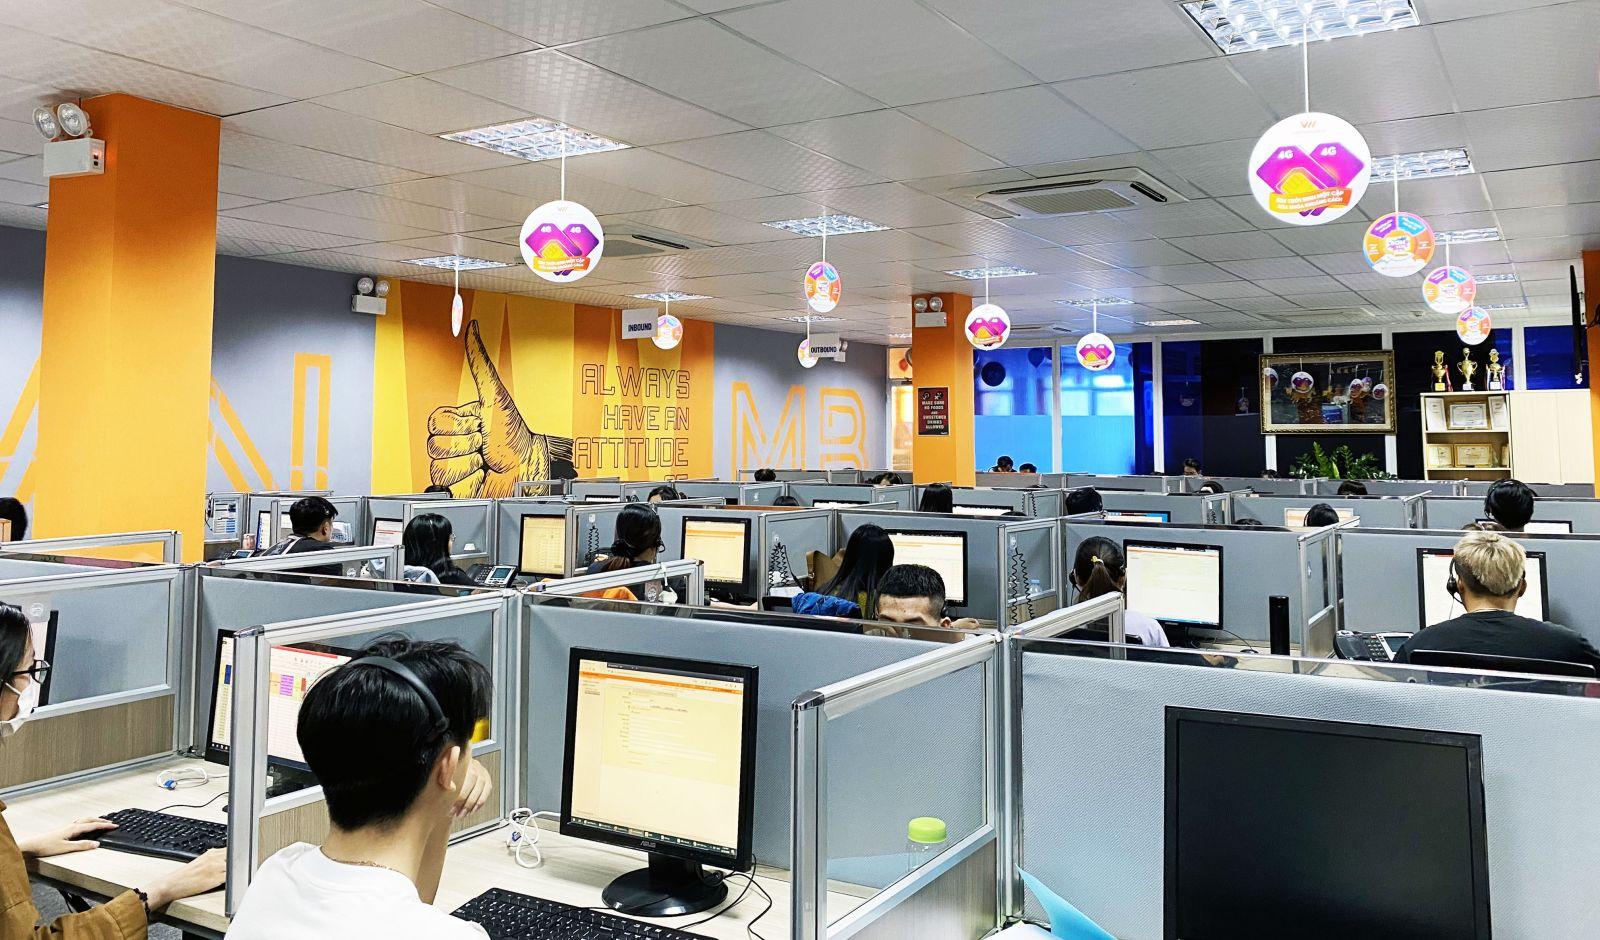 Dịch vụ call center là gì